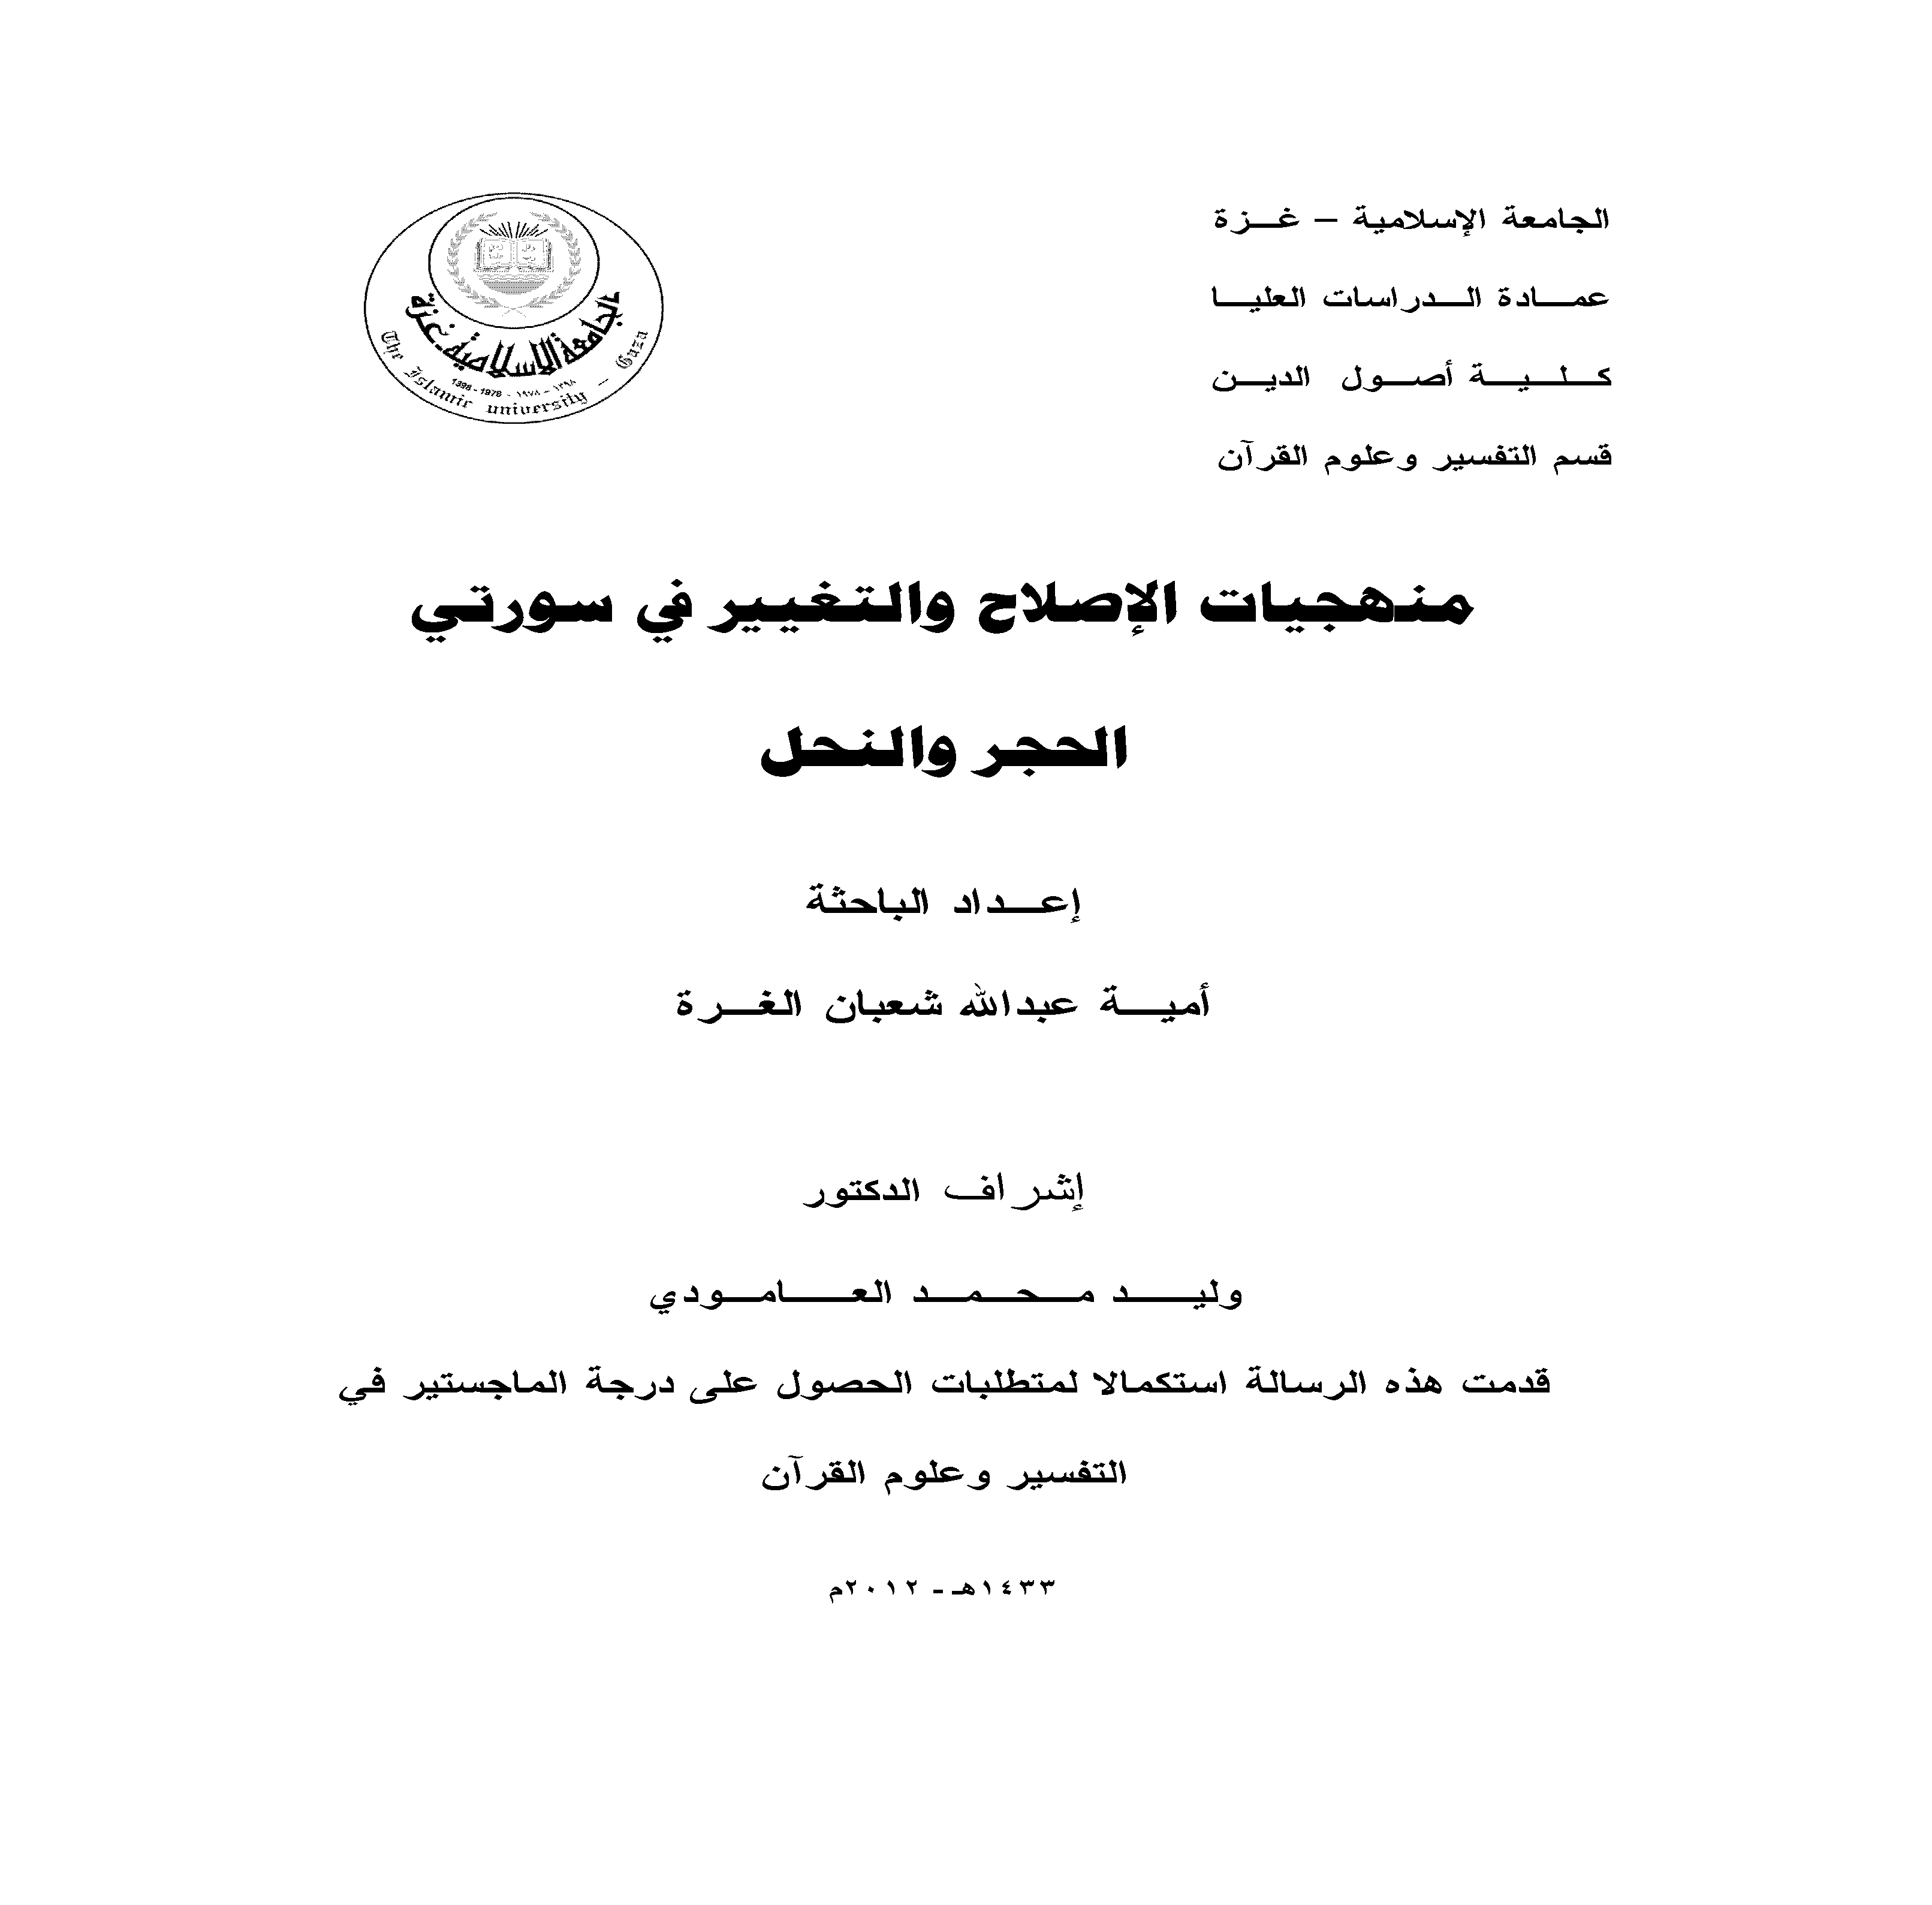 تحميل كتاب منهجيات الإصلاح والتغيير في سورتي الحجر والنحل (دراسة موضوعية) لـِ: أمية عبد الله شعبان الغرة